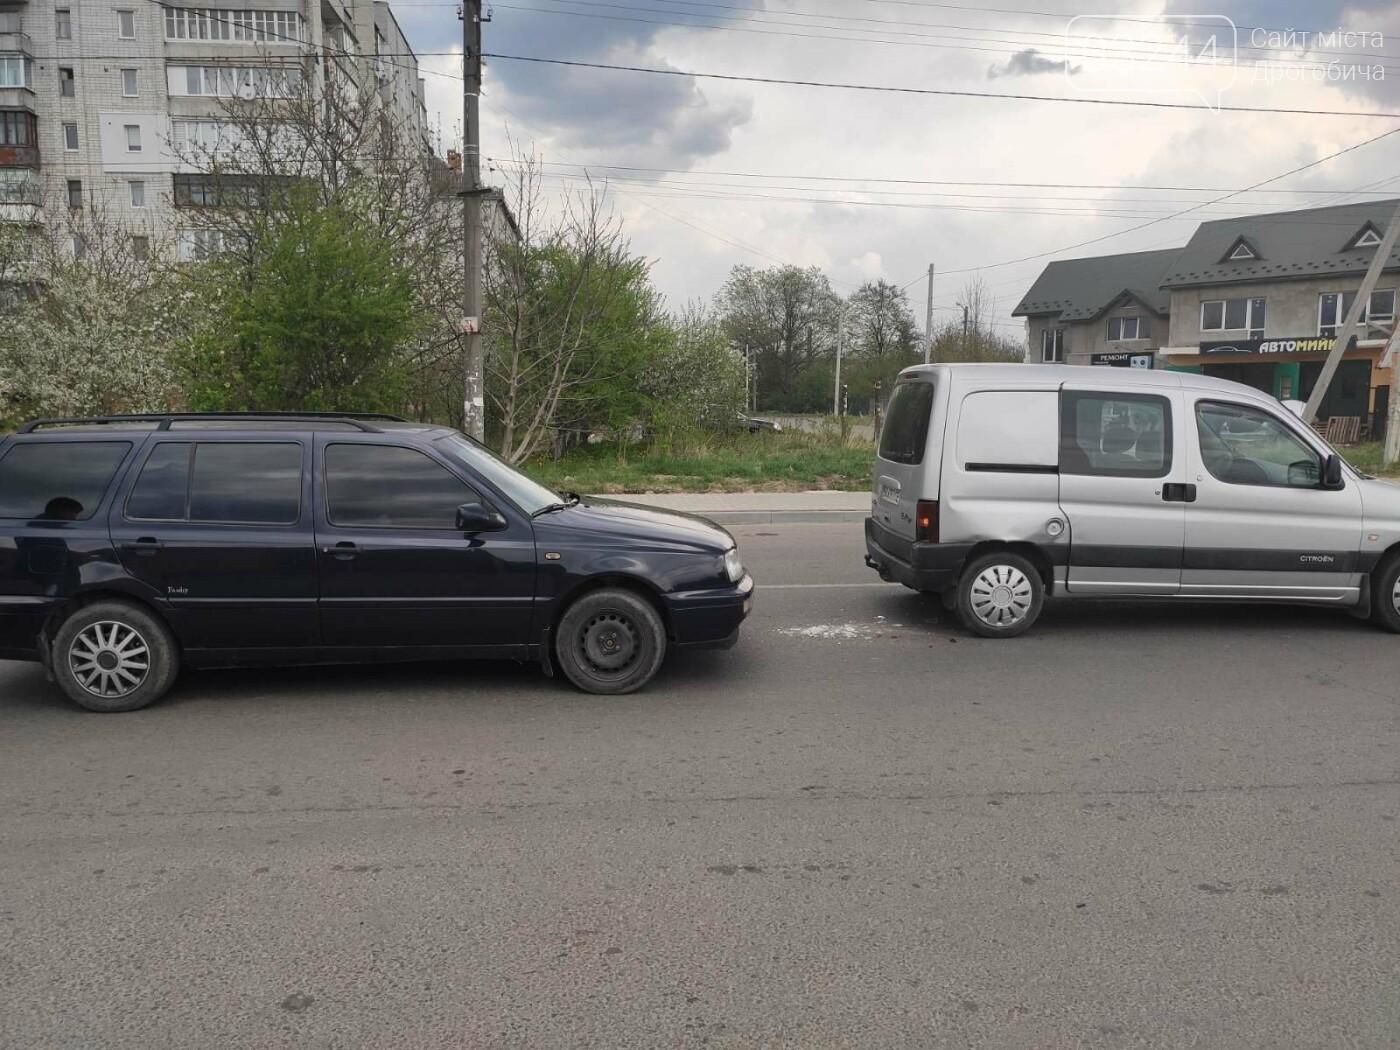 ДТП на вулиці Самбірській у Дрогобичі, - ФОТО, фото-4